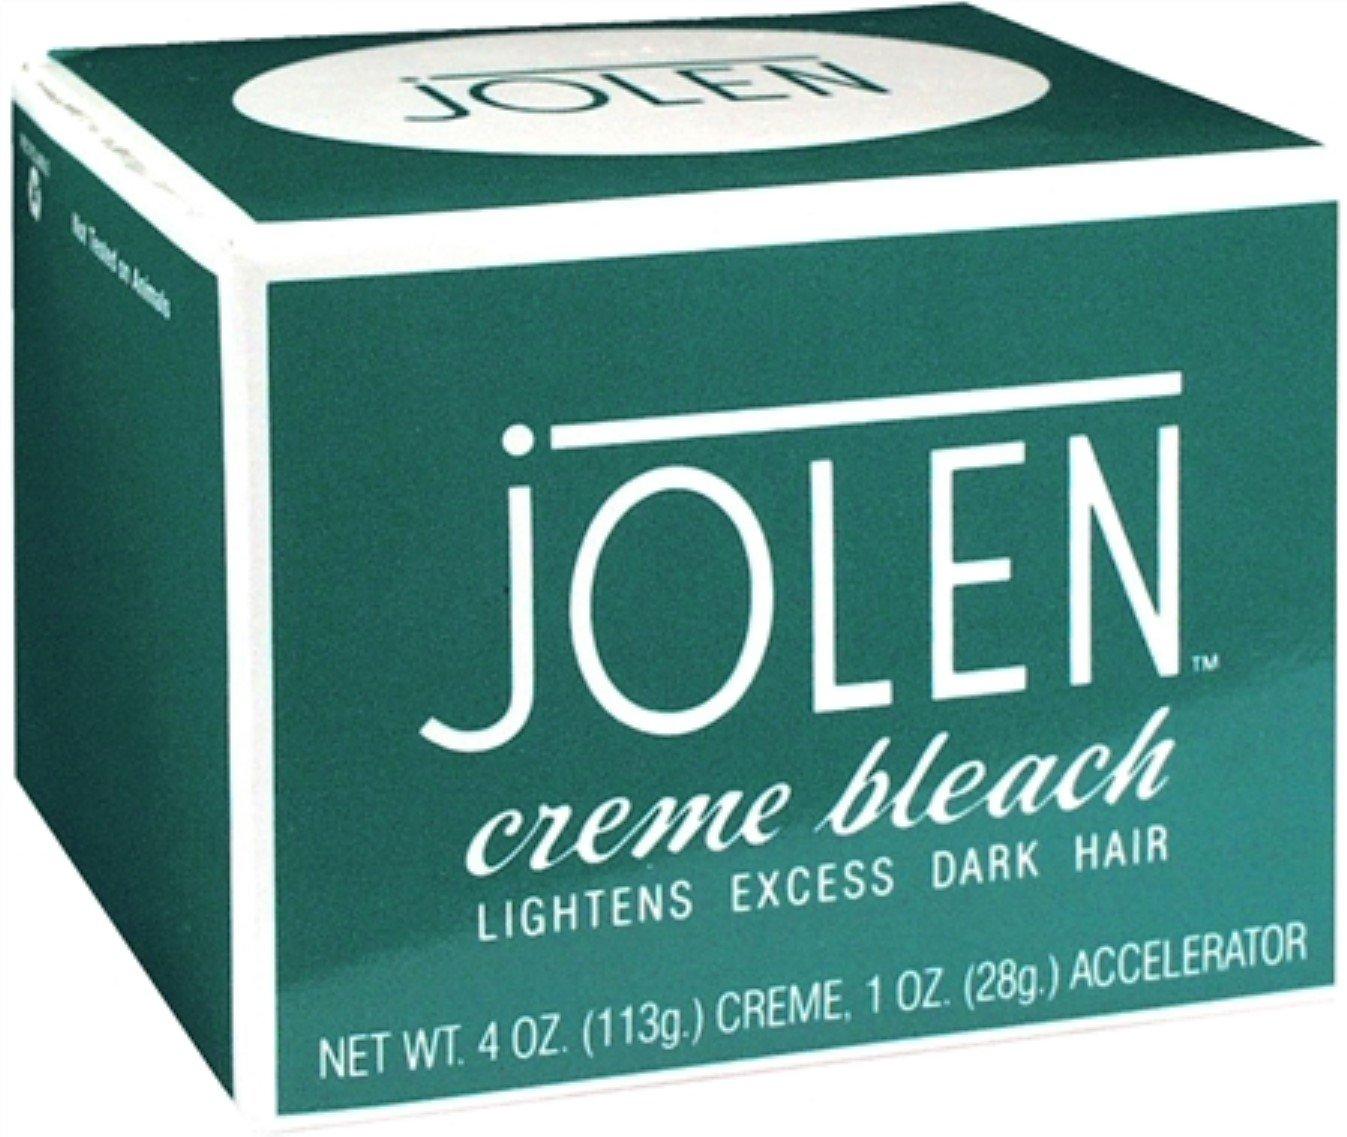 Jolen Creme Bleach Original 4 oz (Pack of 12) by Jolen